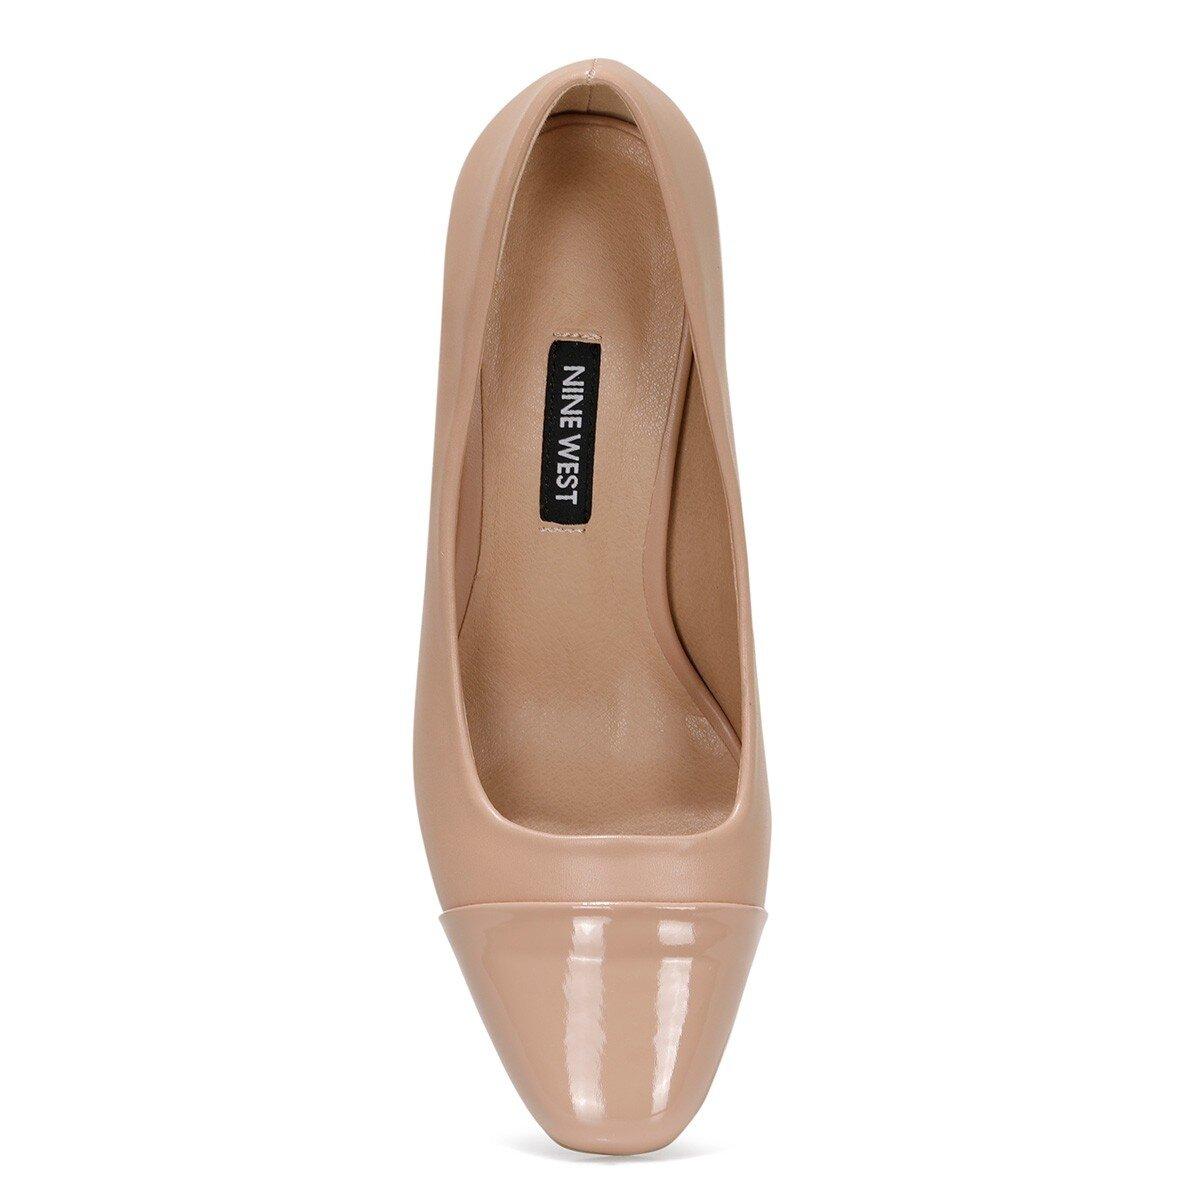 JOLLYRA 1FX NUDE Kadın Topuklu Ayakkabı